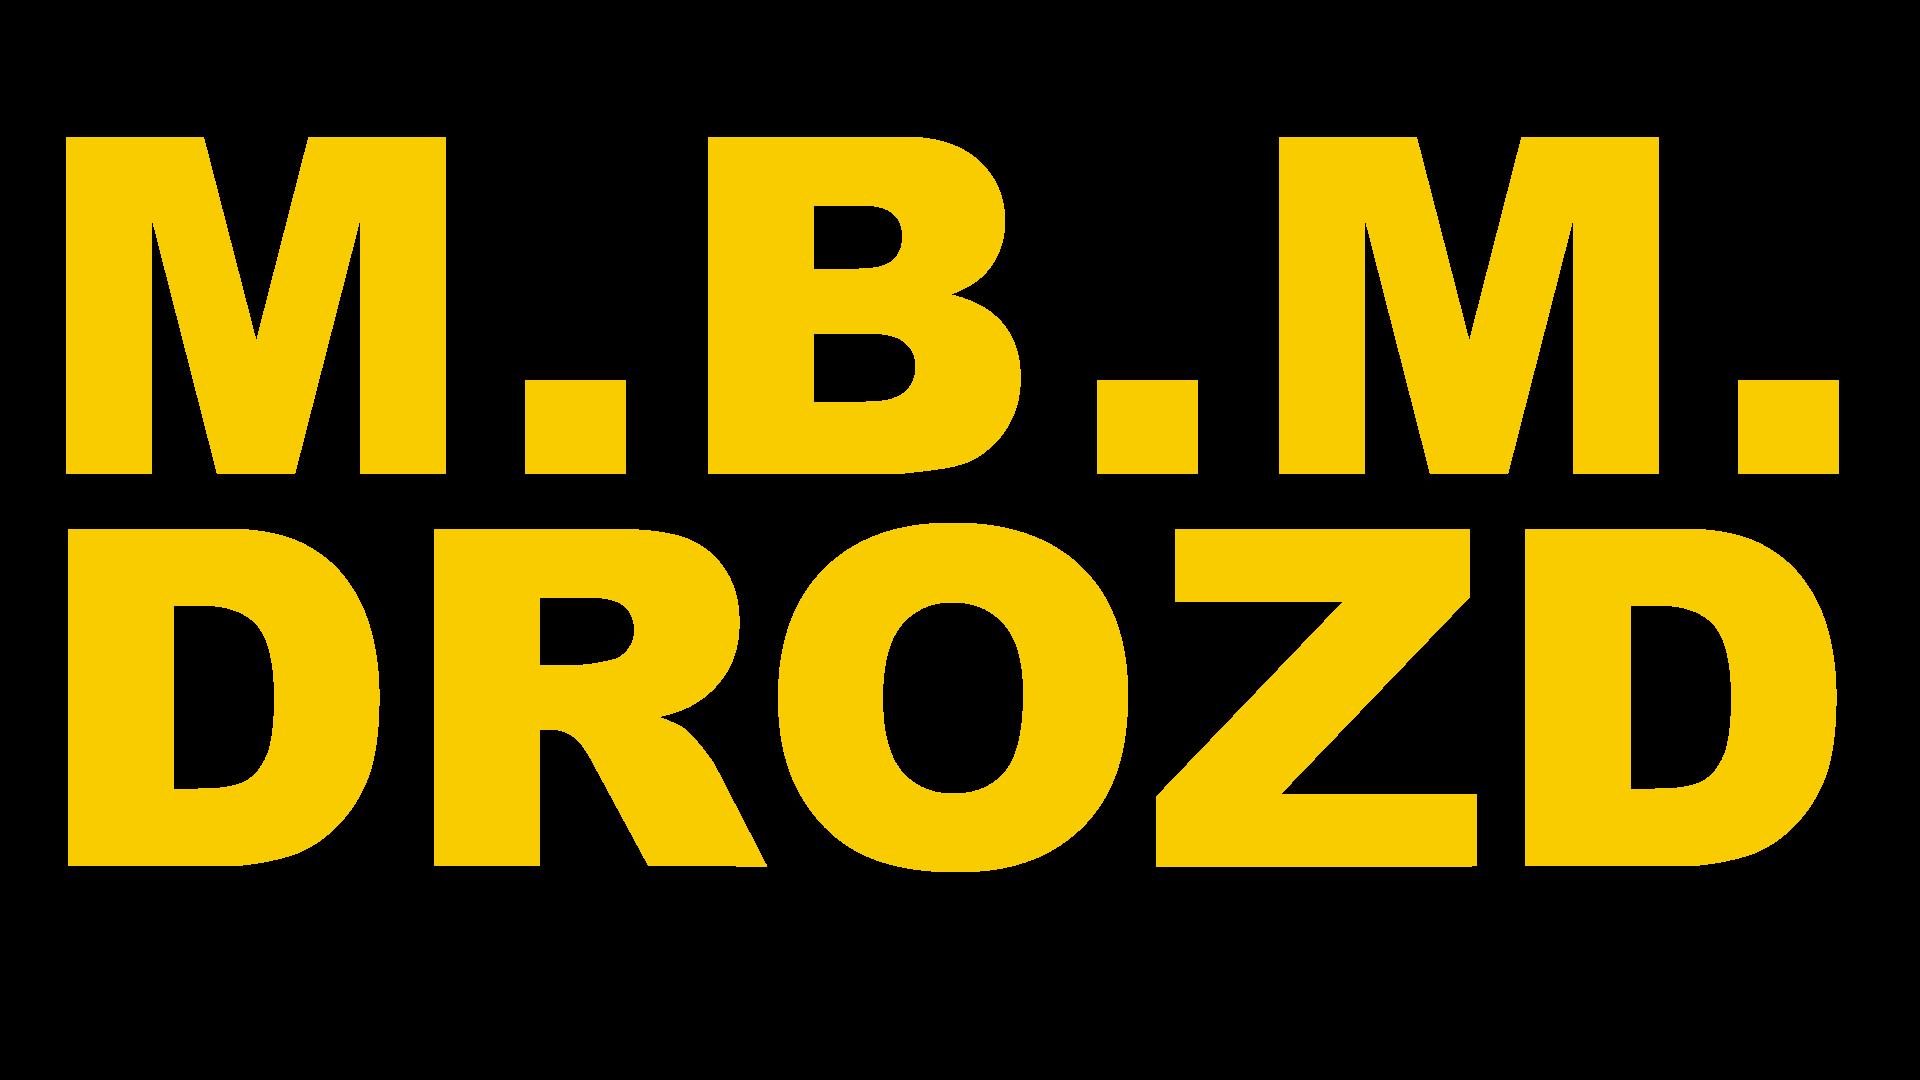 M.B.M.Drozd